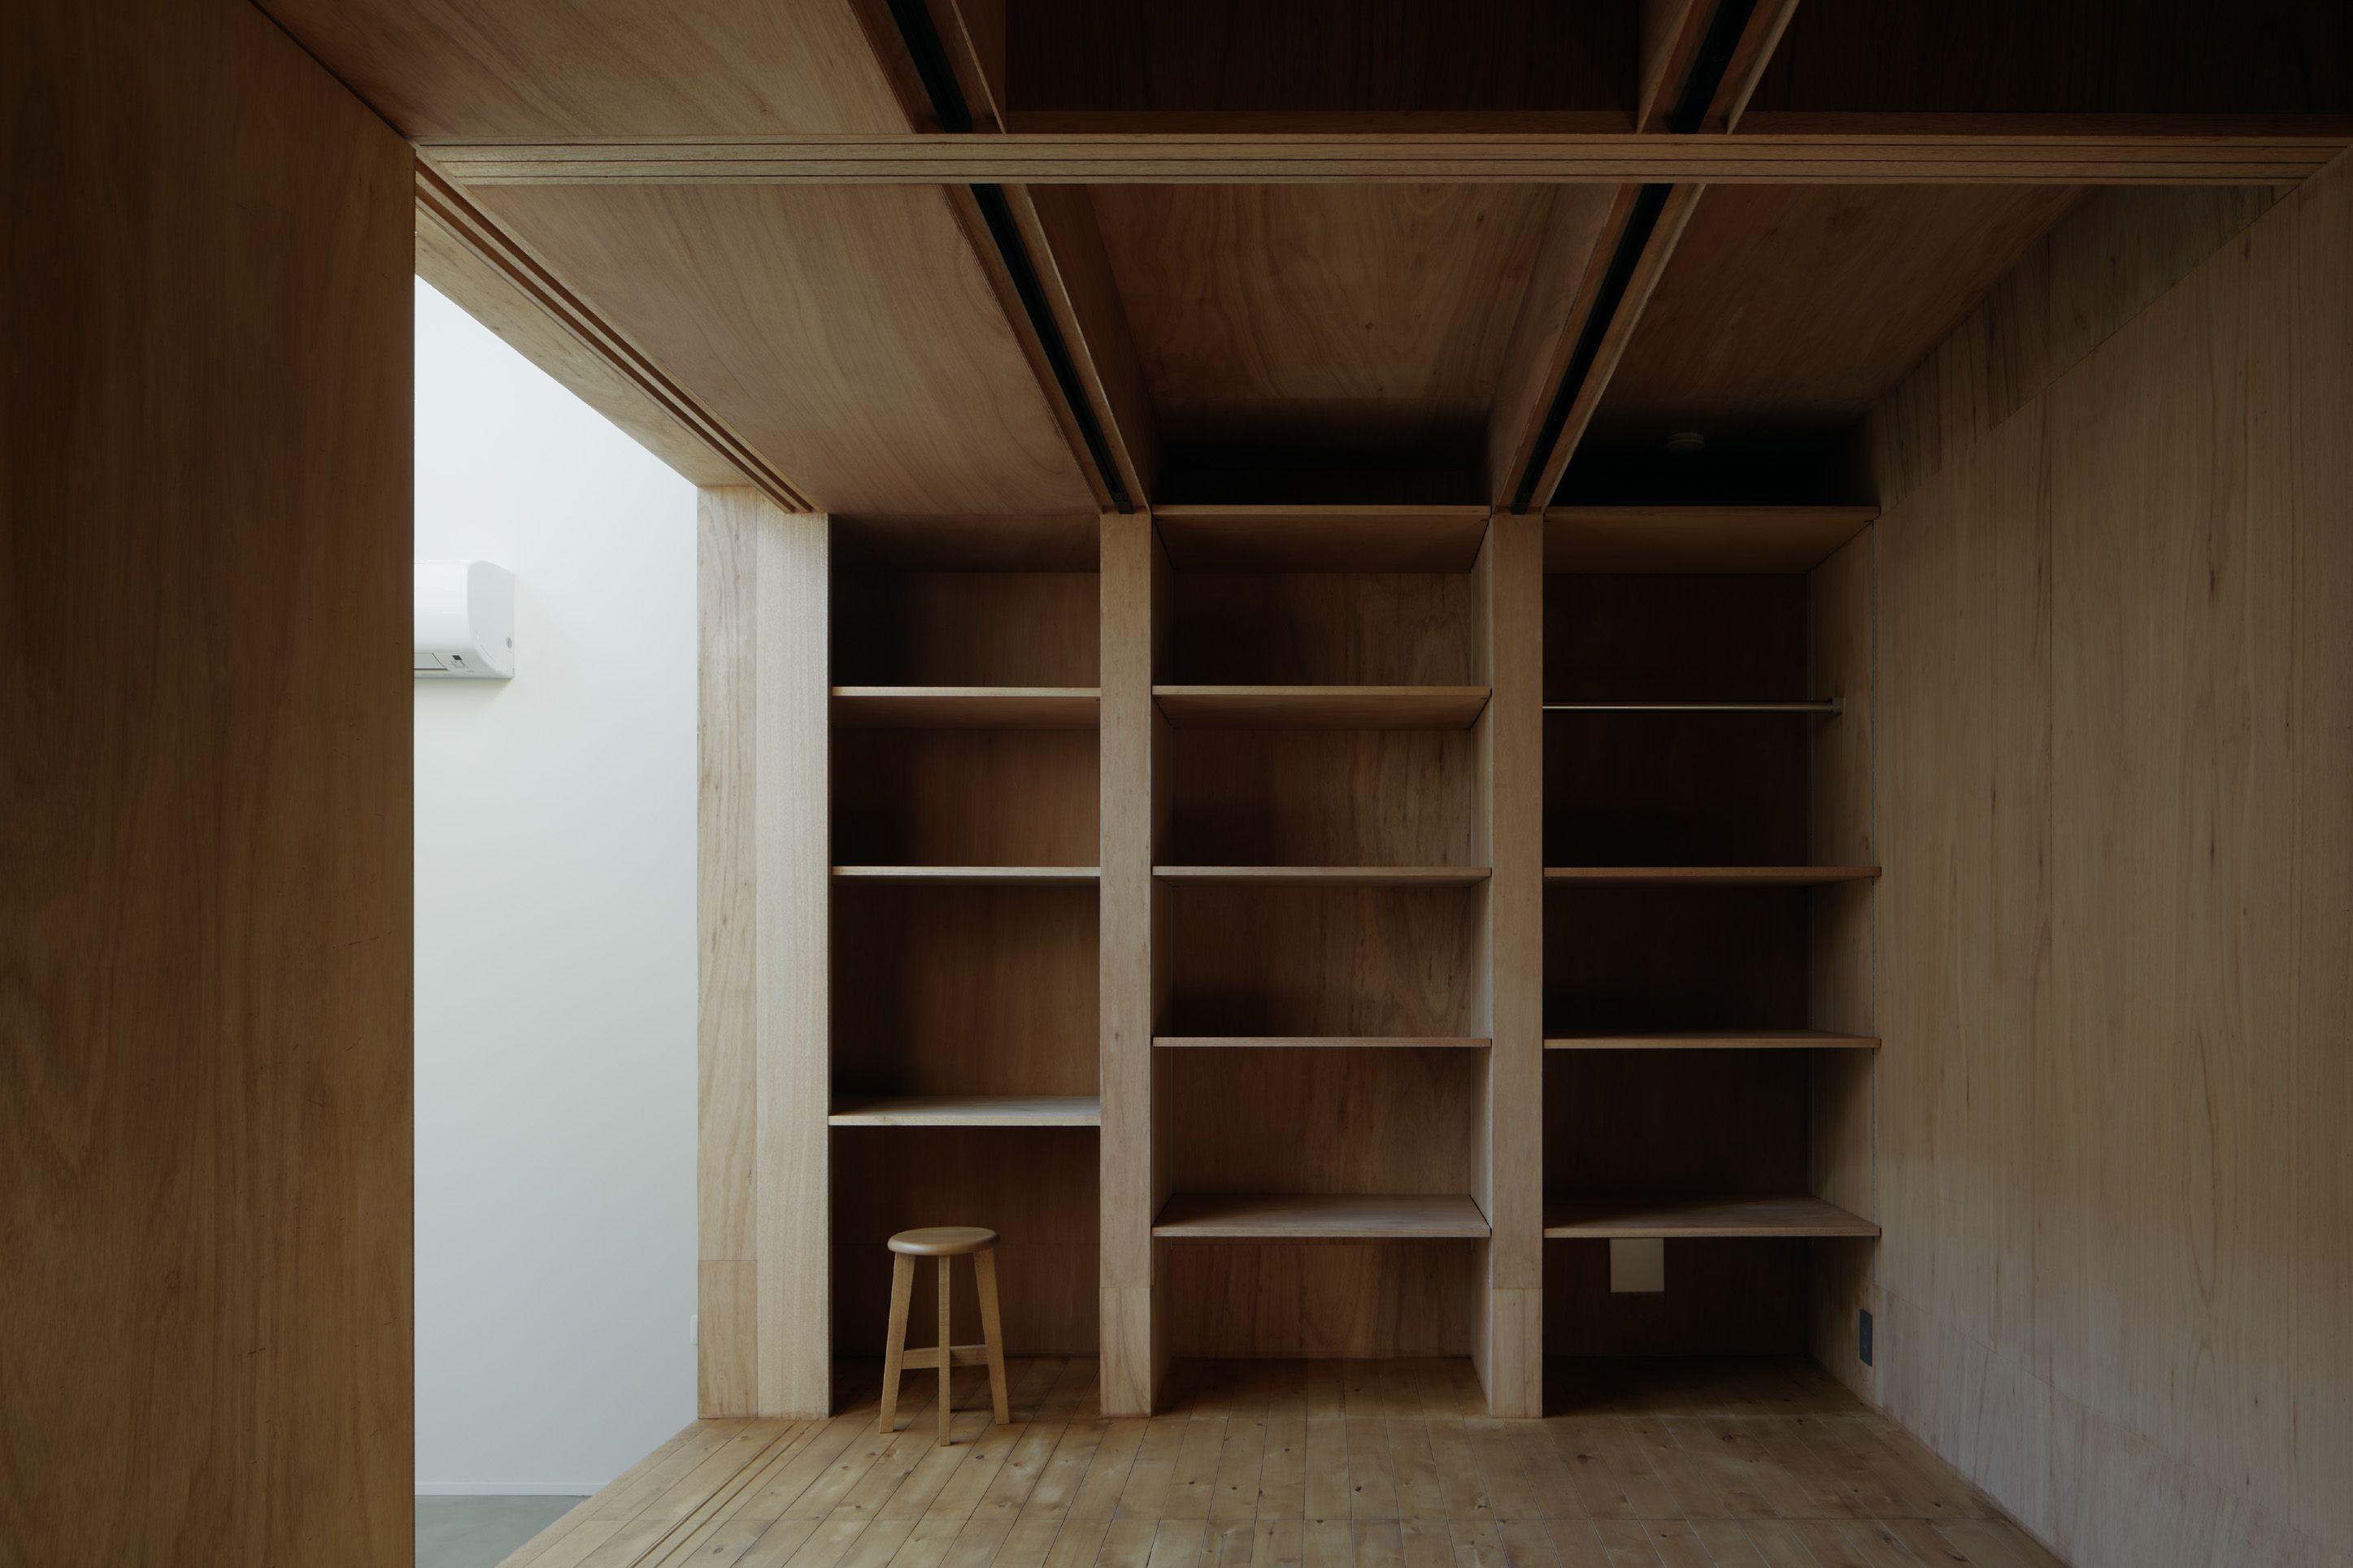 Innovative Bookshelves